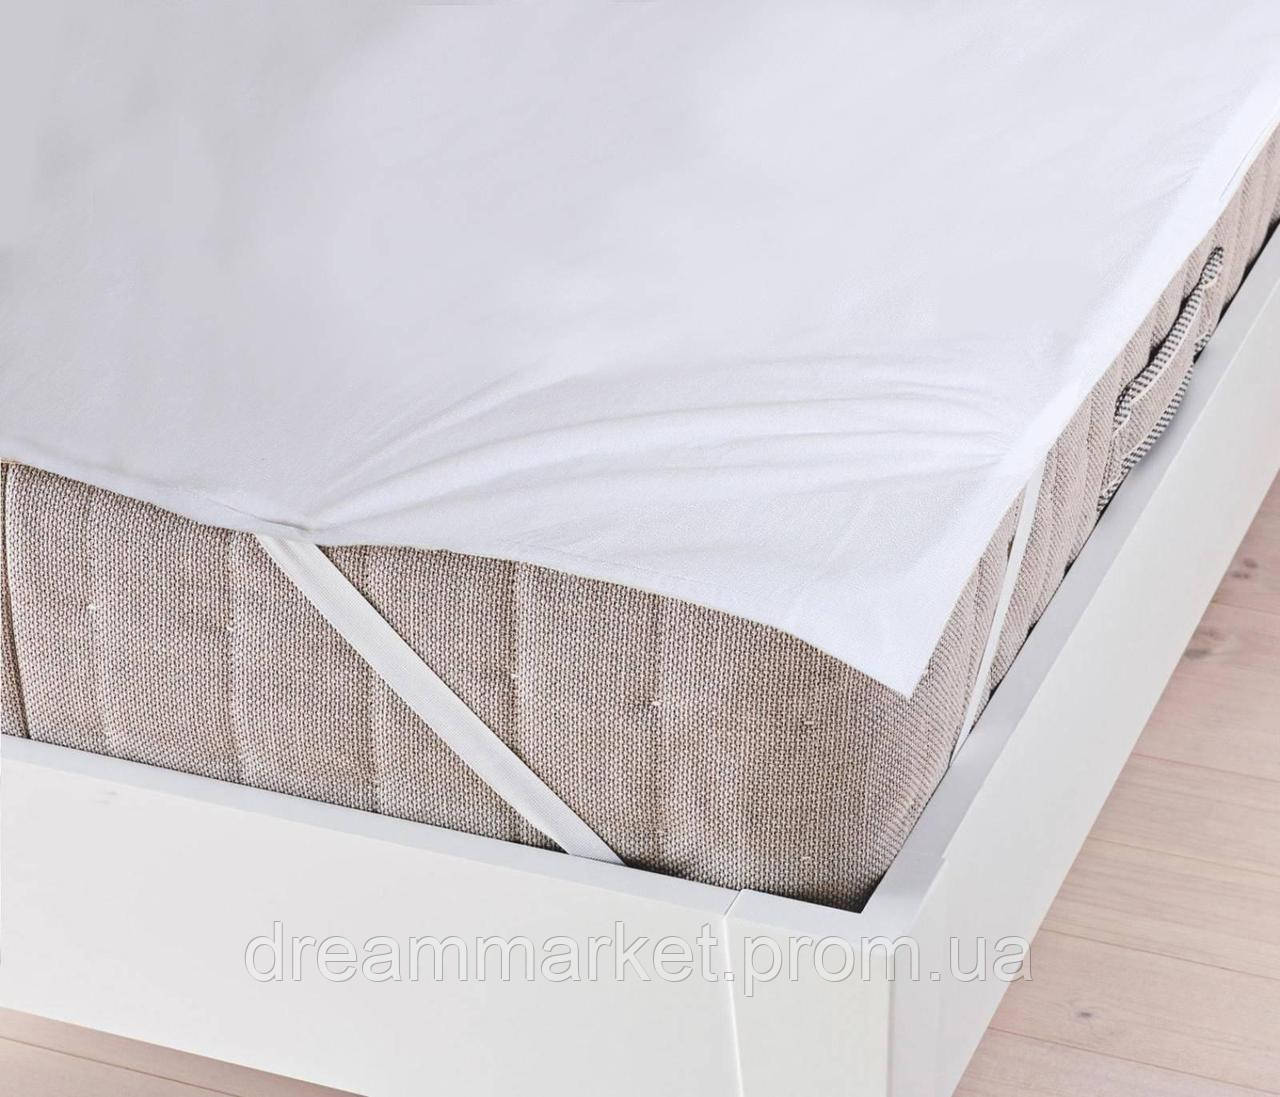 Наматрасник на резинке водонепроницаемый Аква Стоп: мембранная и махровая ткань, цвет белый 120х200 см